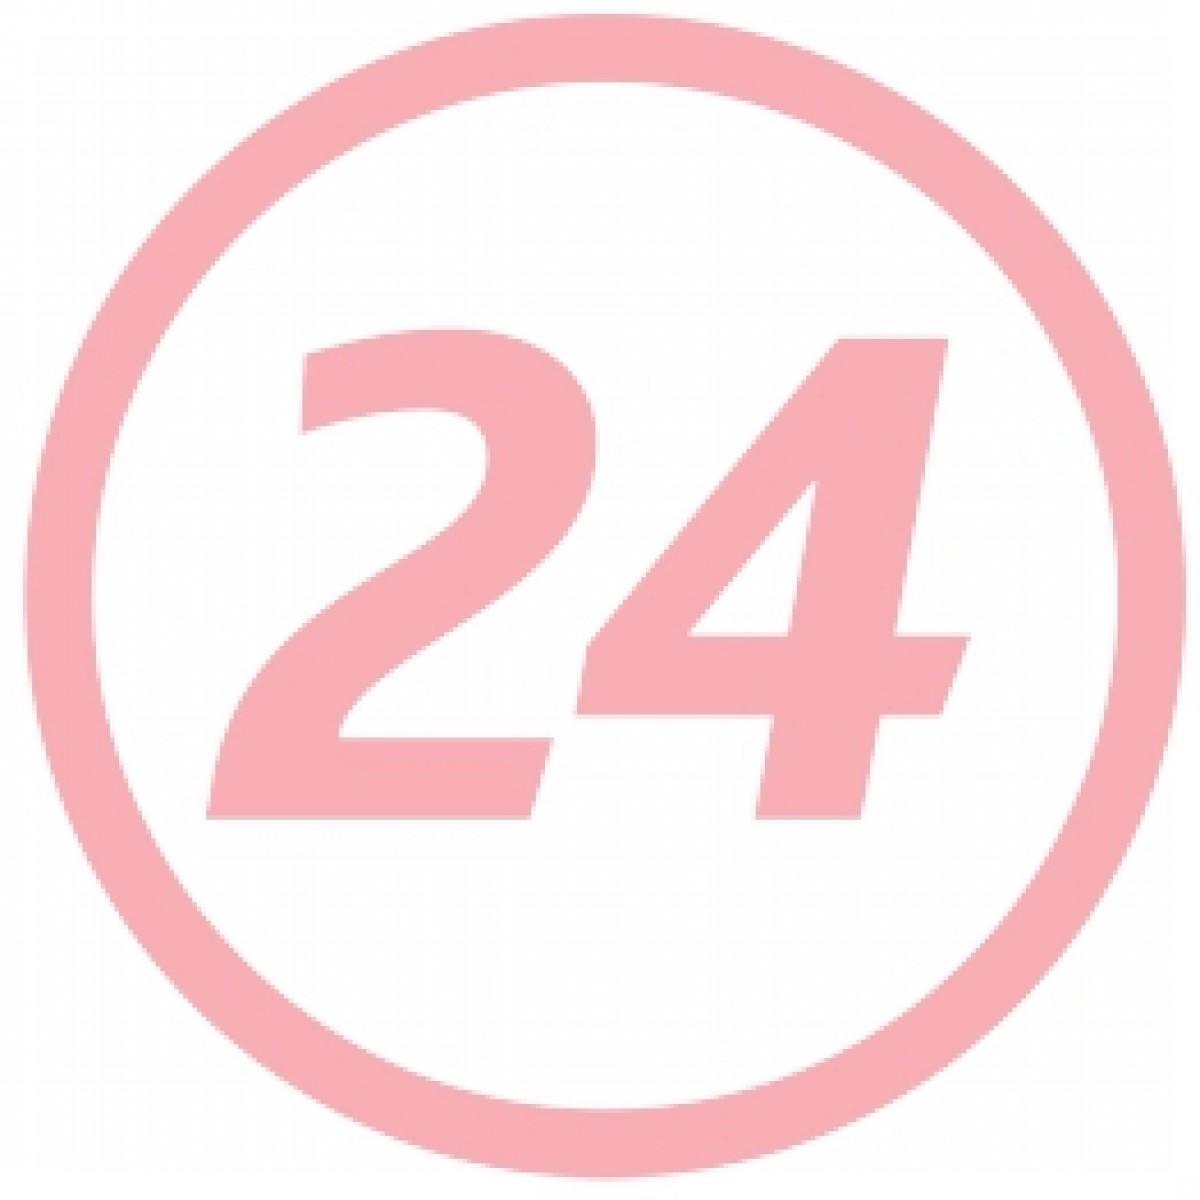 NUK Tampoane Clasice Pentru San, Tampoane, 36 buc